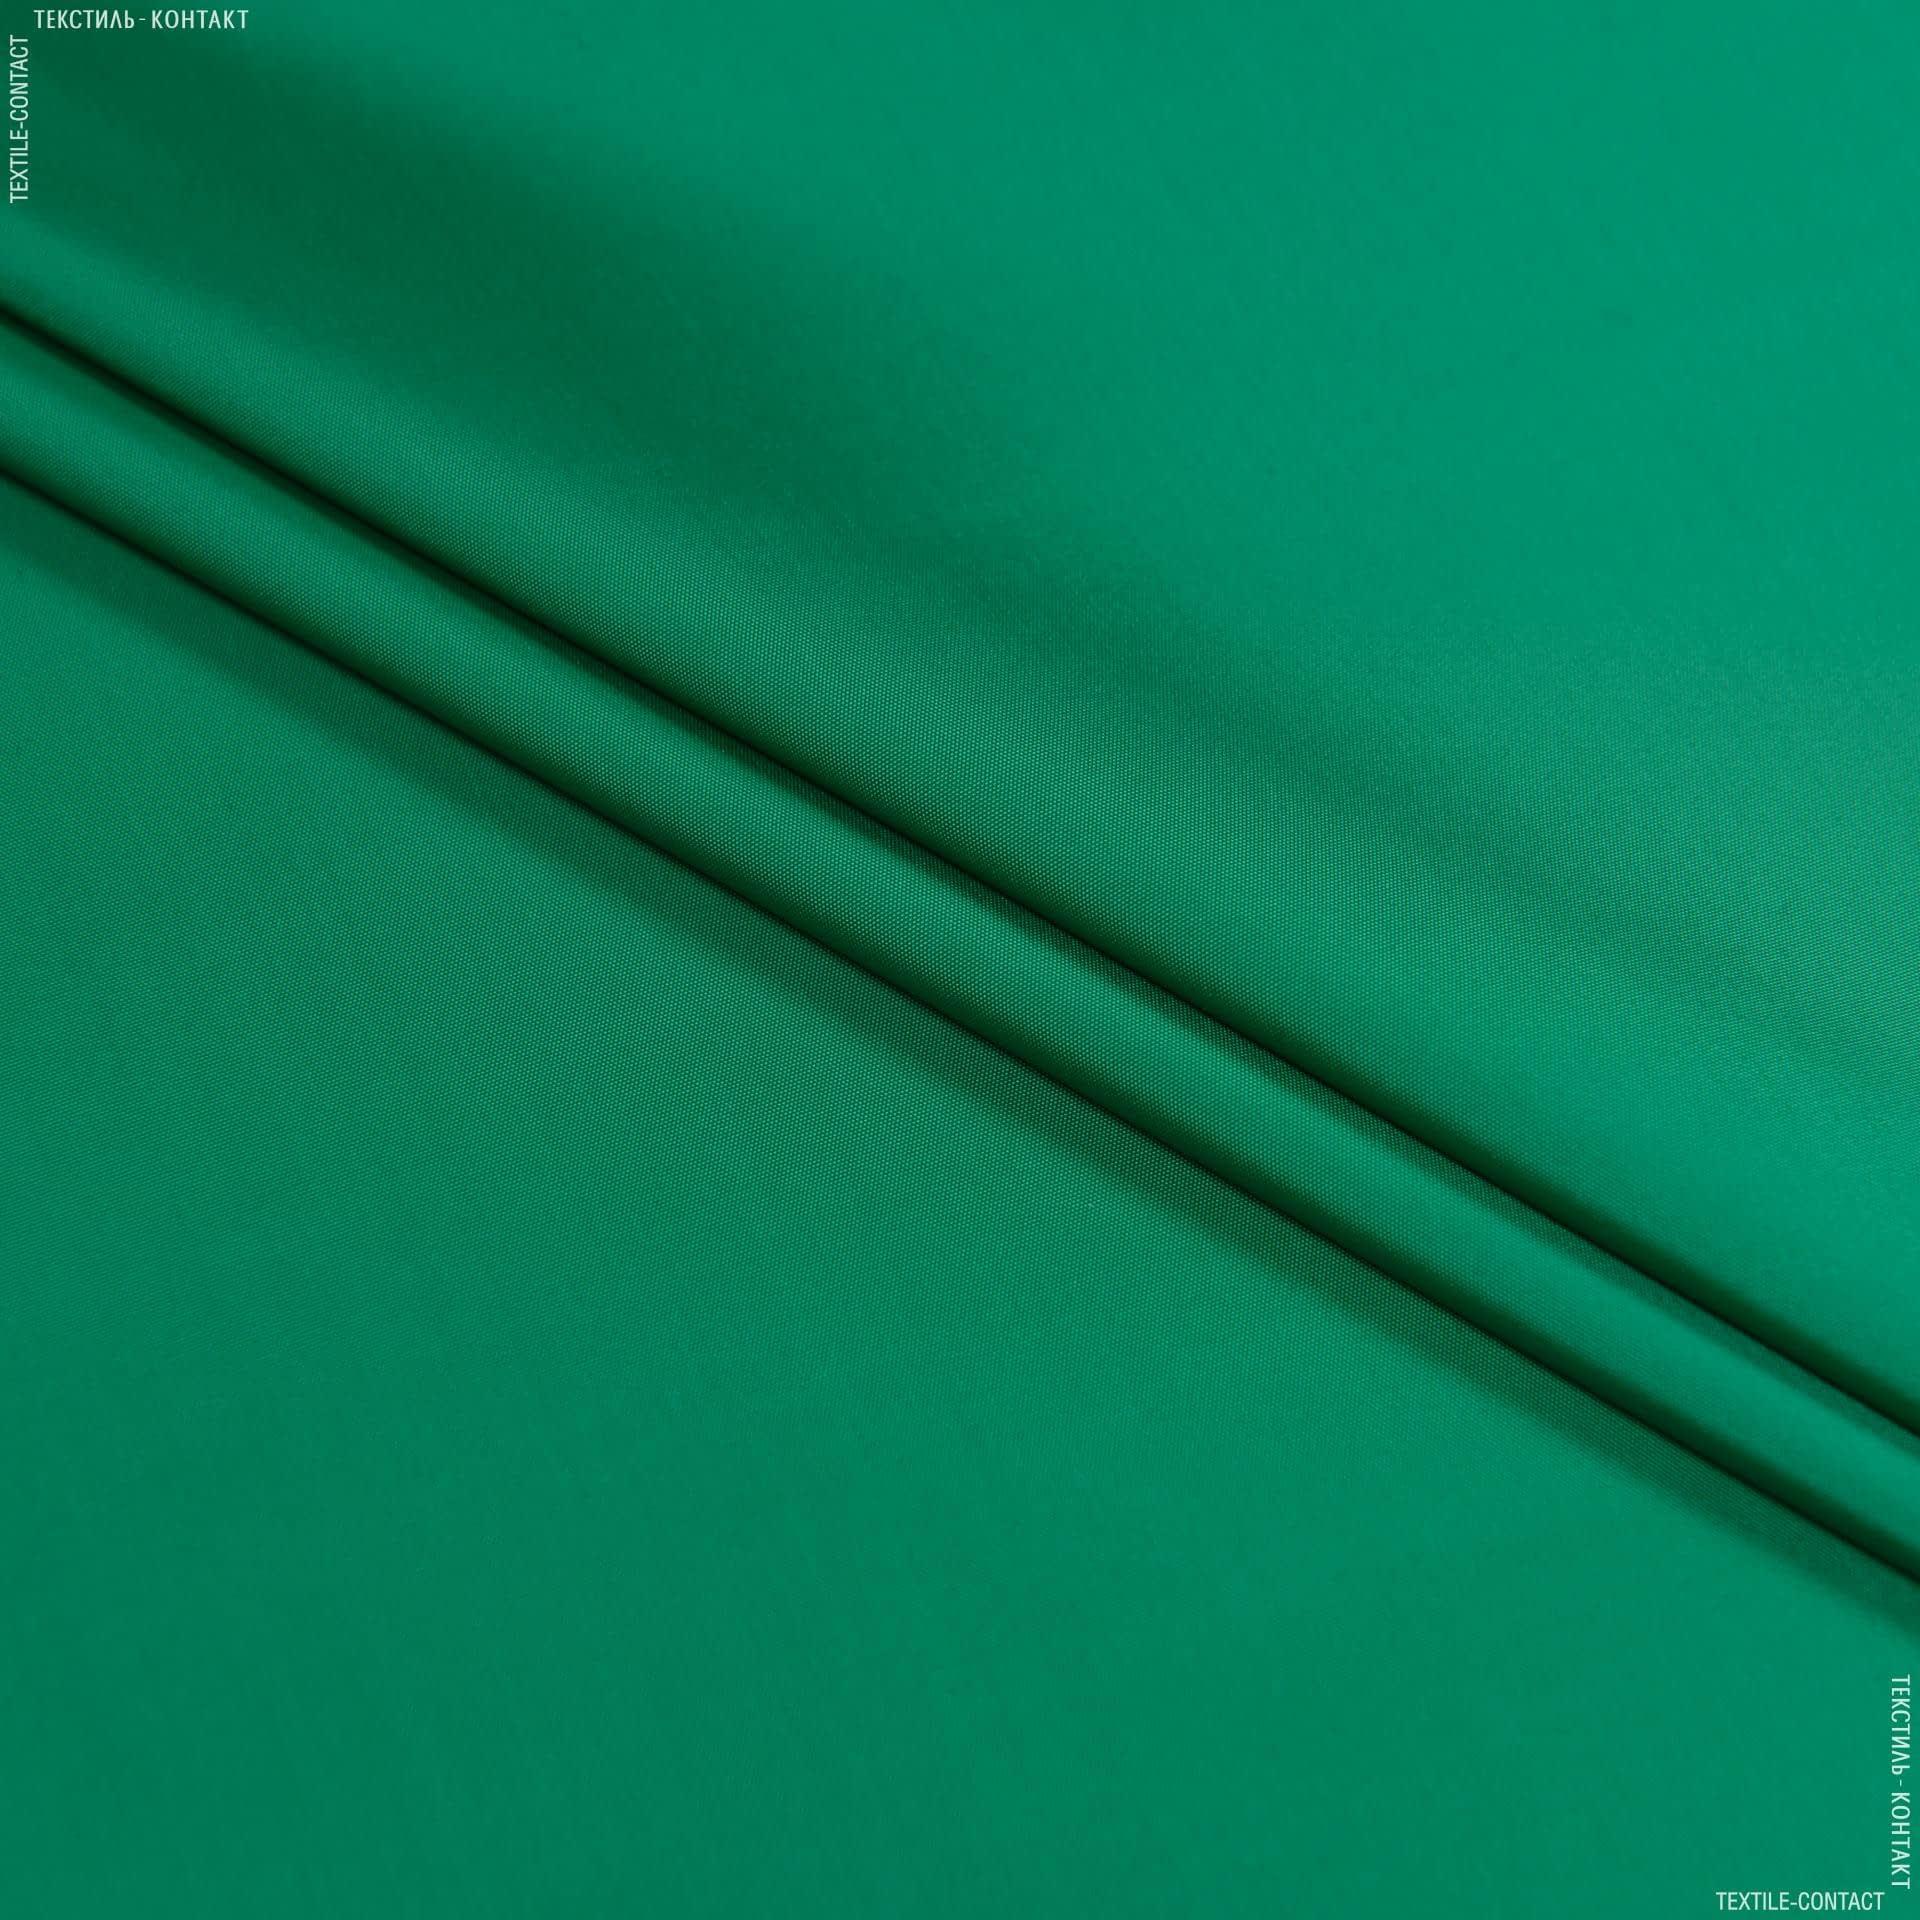 Тканини для верхнього одягу - Віва плащова зелений